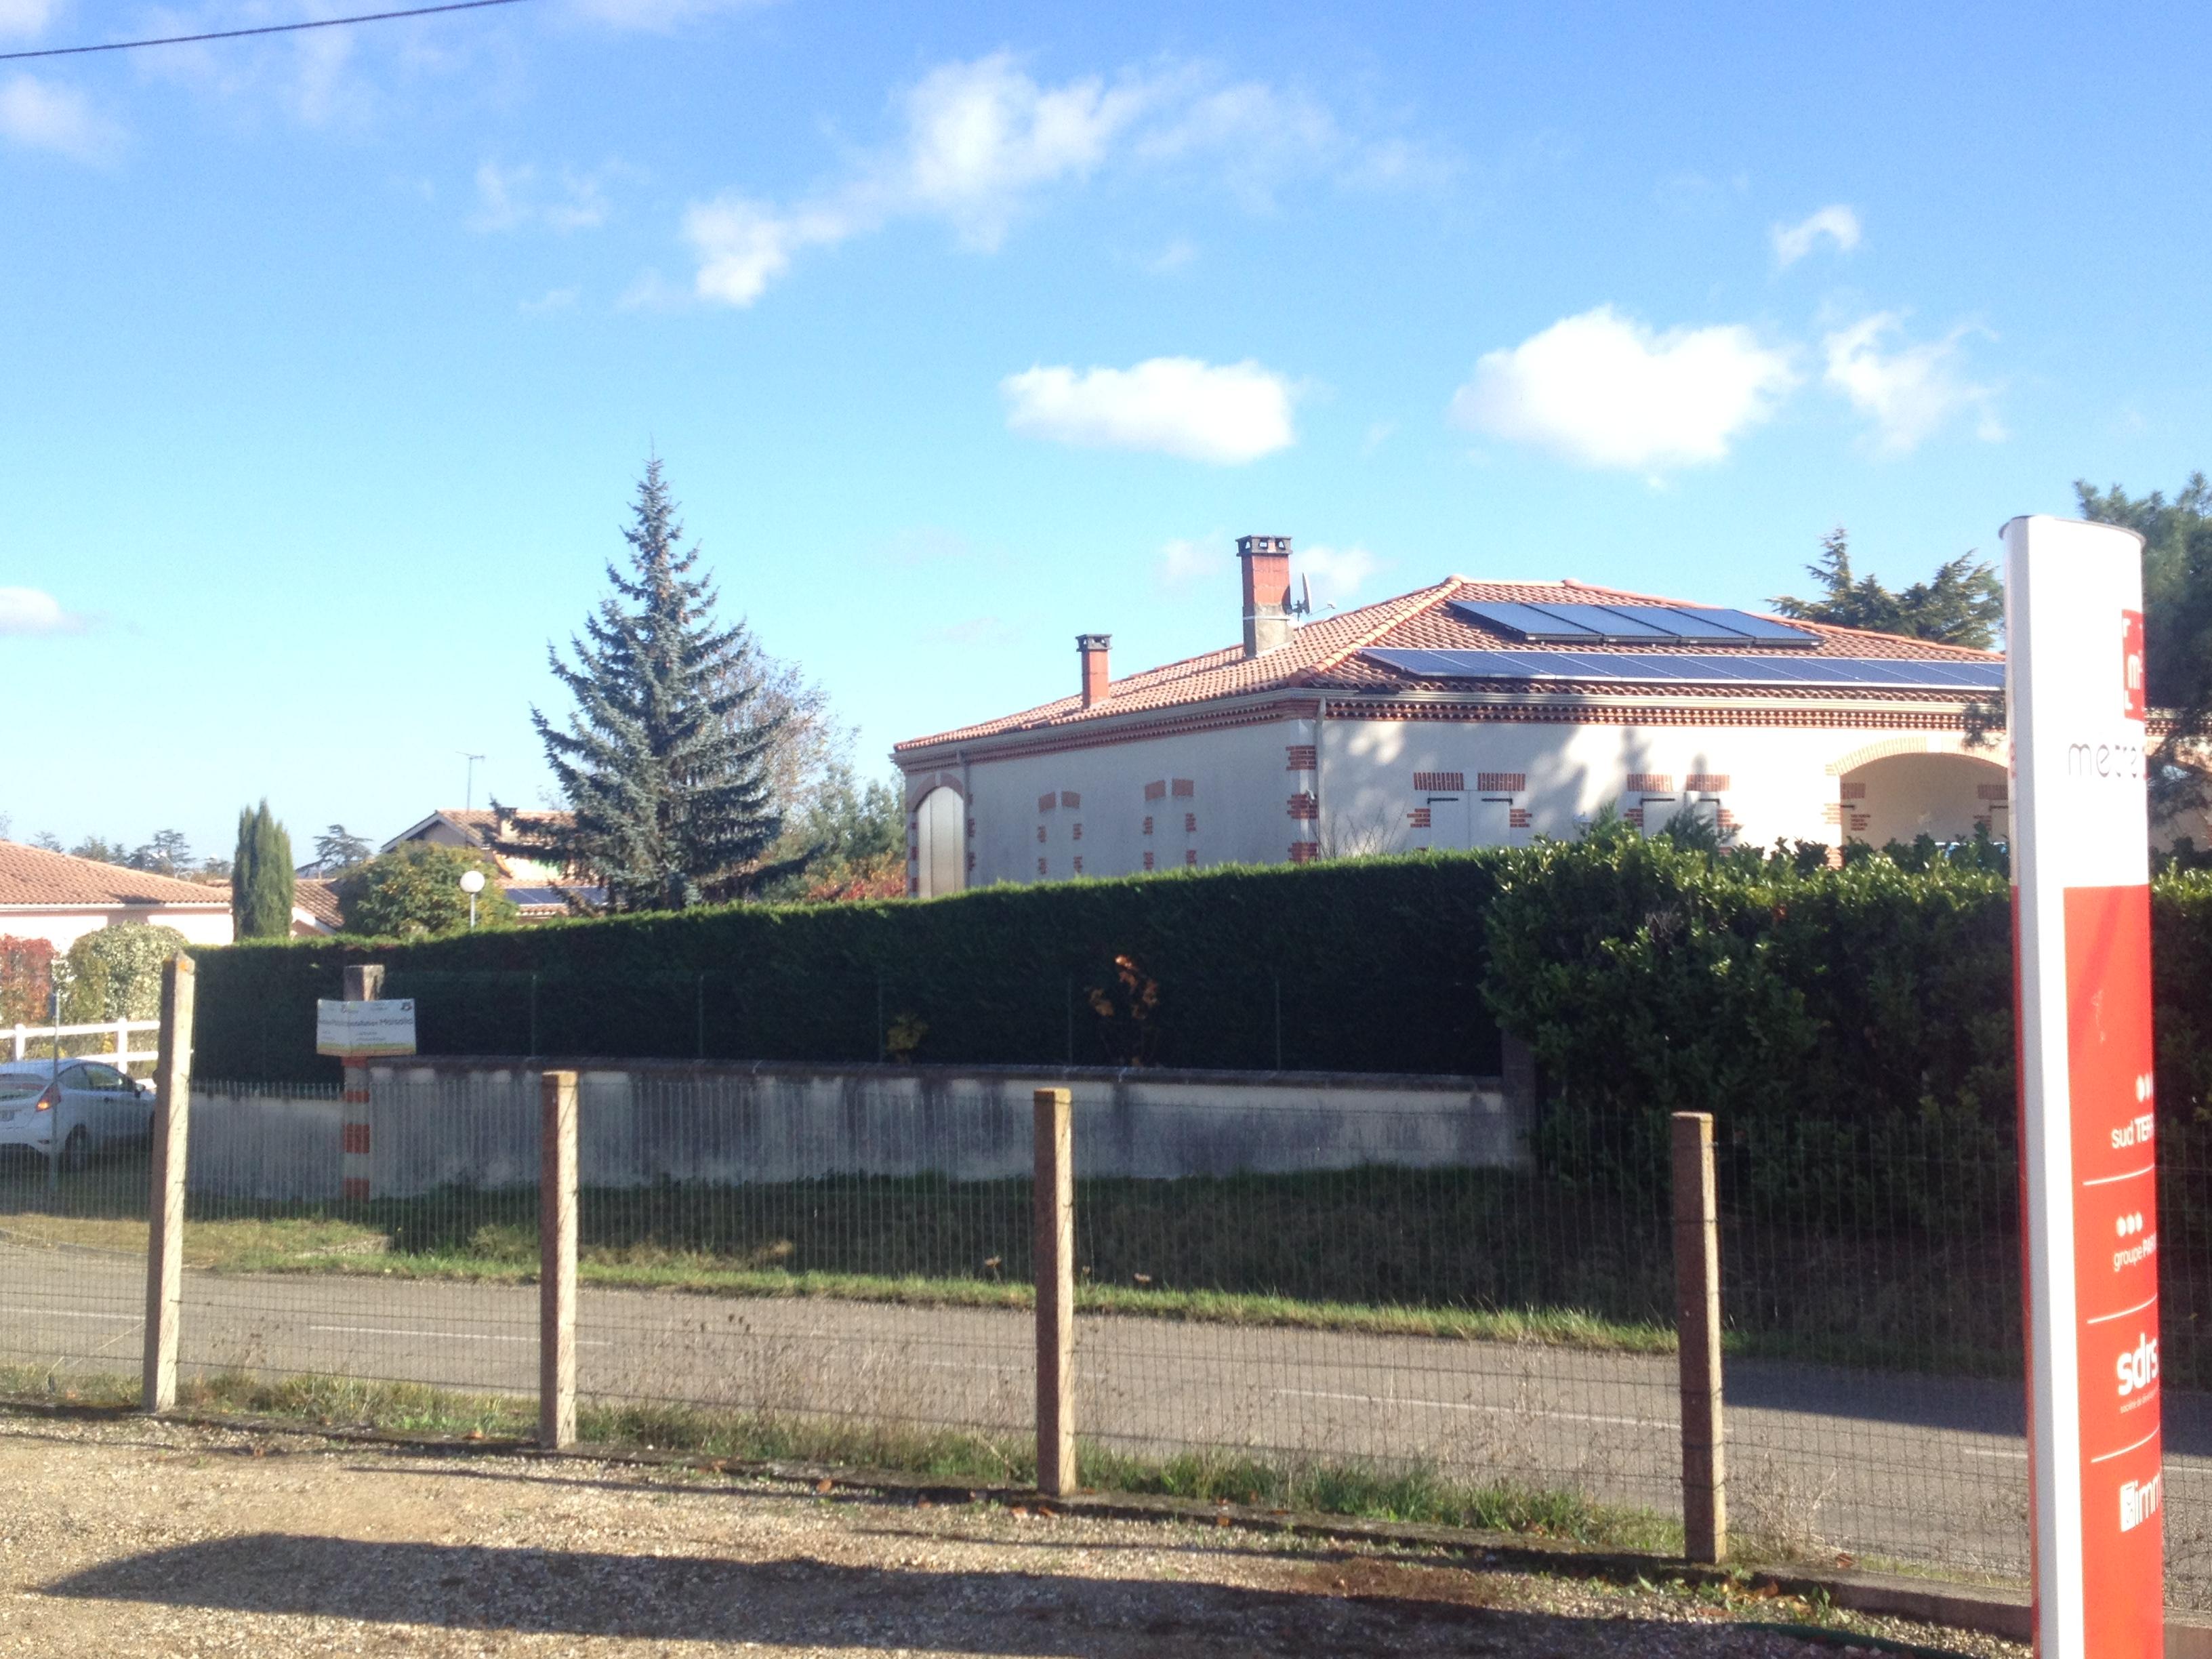 3 kWc PASSAGE D'AGEN